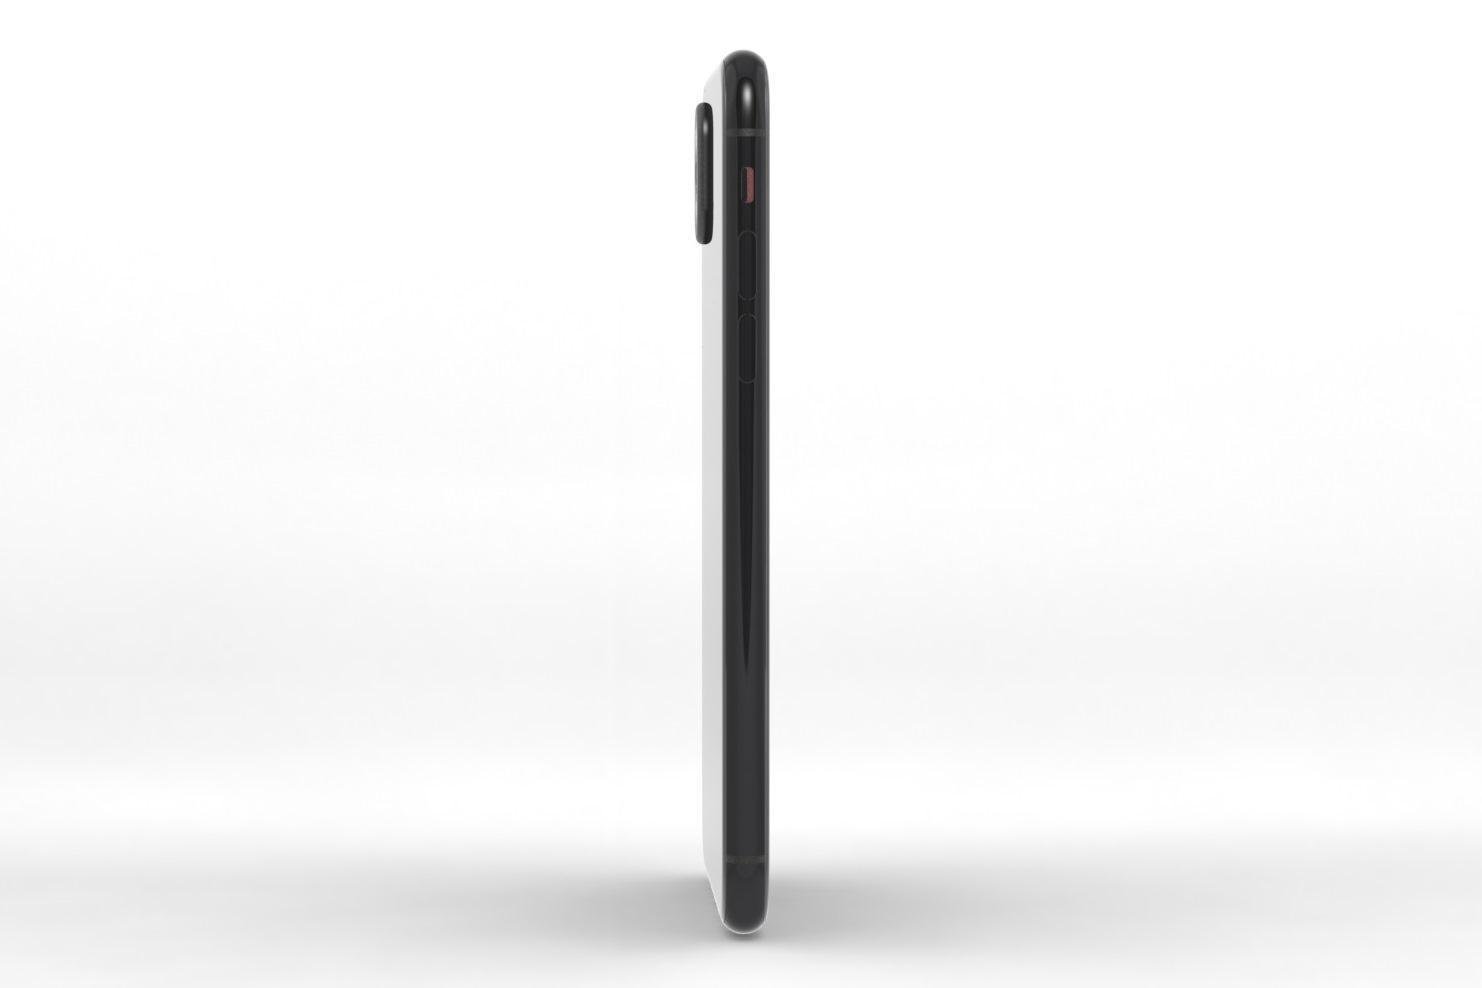 Xuất hiện hình ảnh mới về iPhone 8 với nút nguồn lớn bất thường